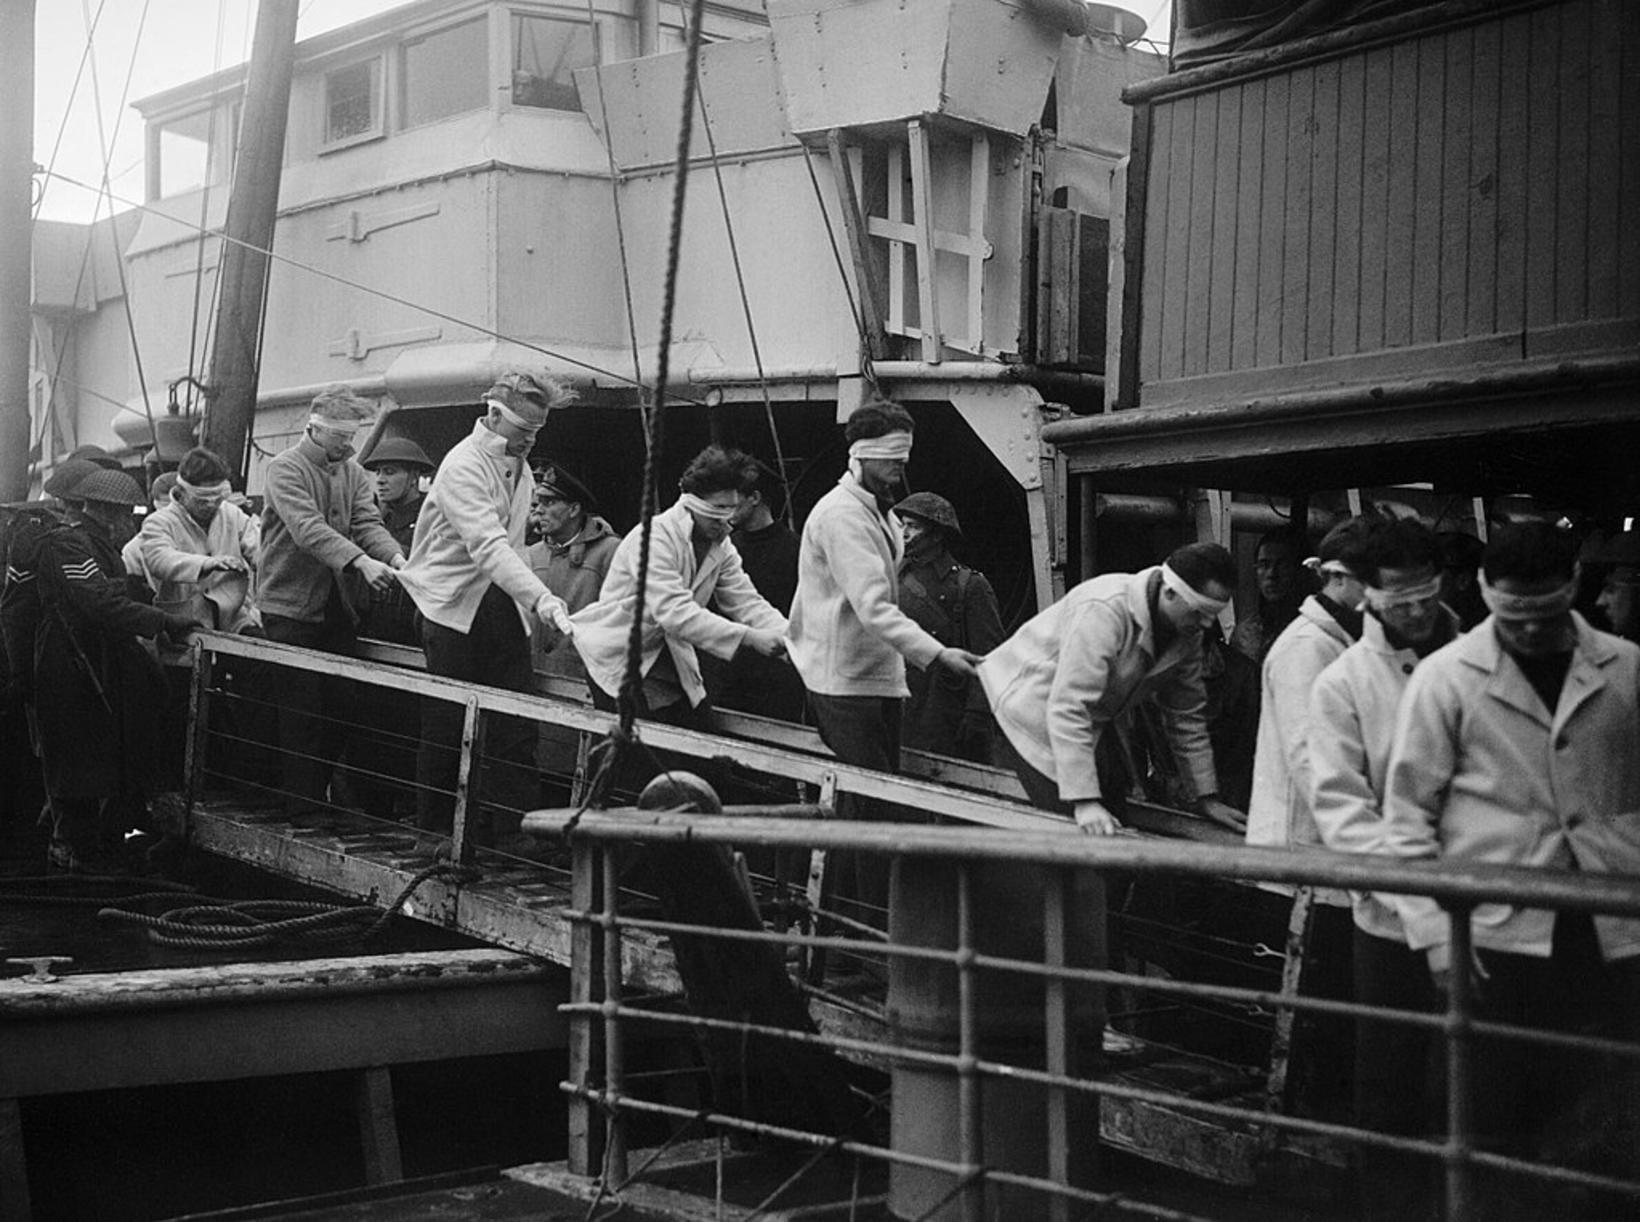 Sjóliðar af þýska orrustuskipinu Scharnhorst ganga frá borði breska flutningaskipsins …